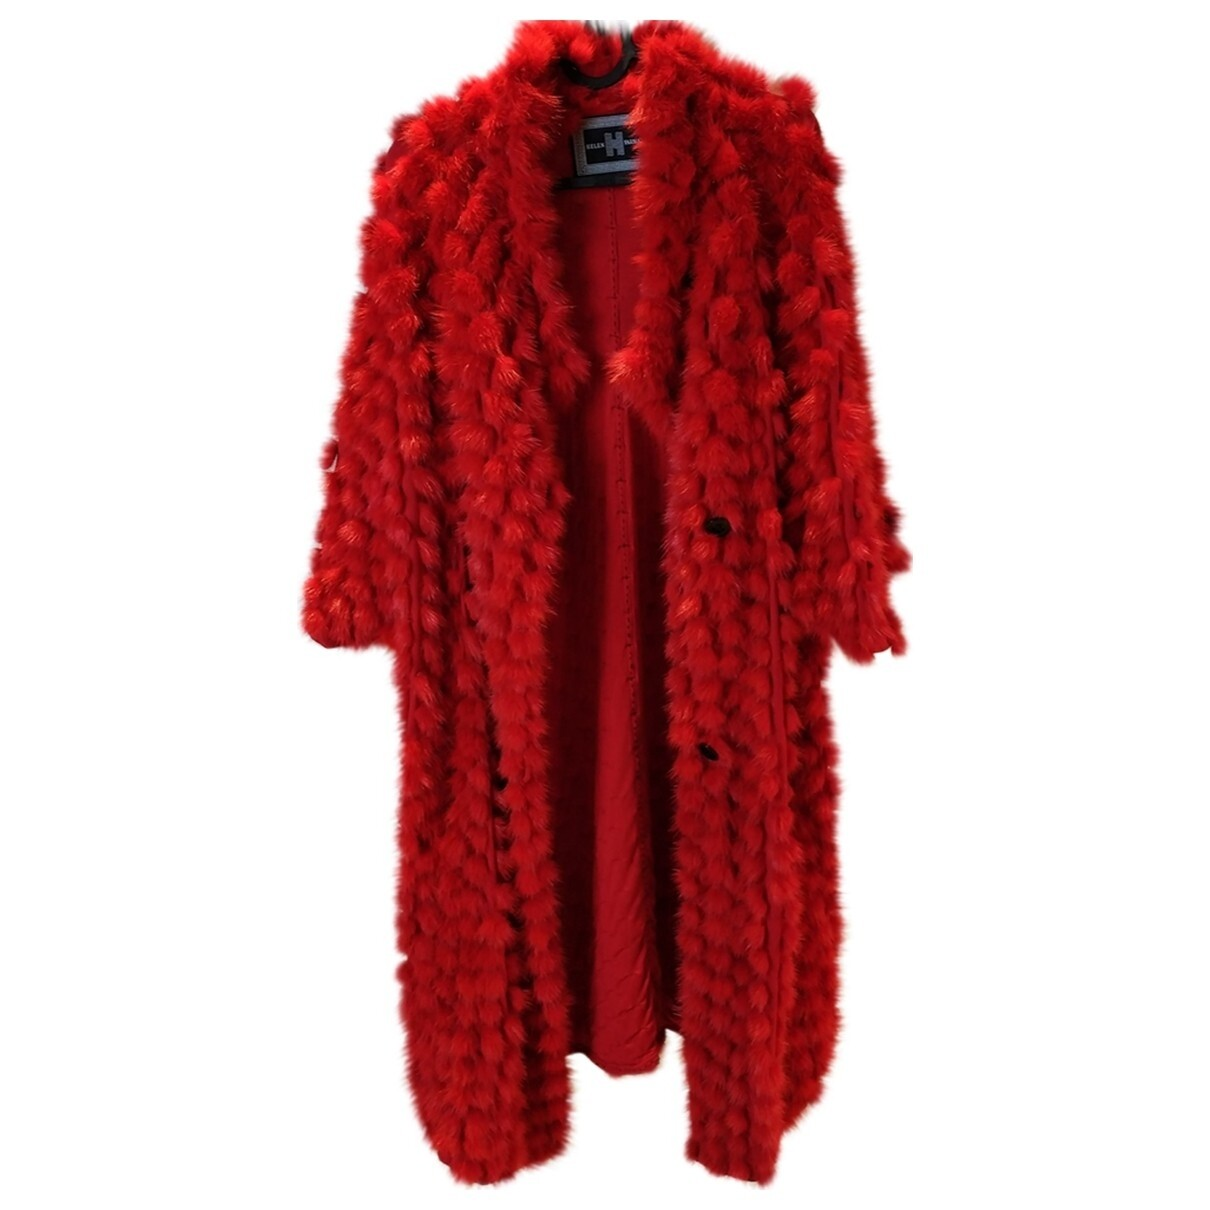 Helen Yarmak red coat